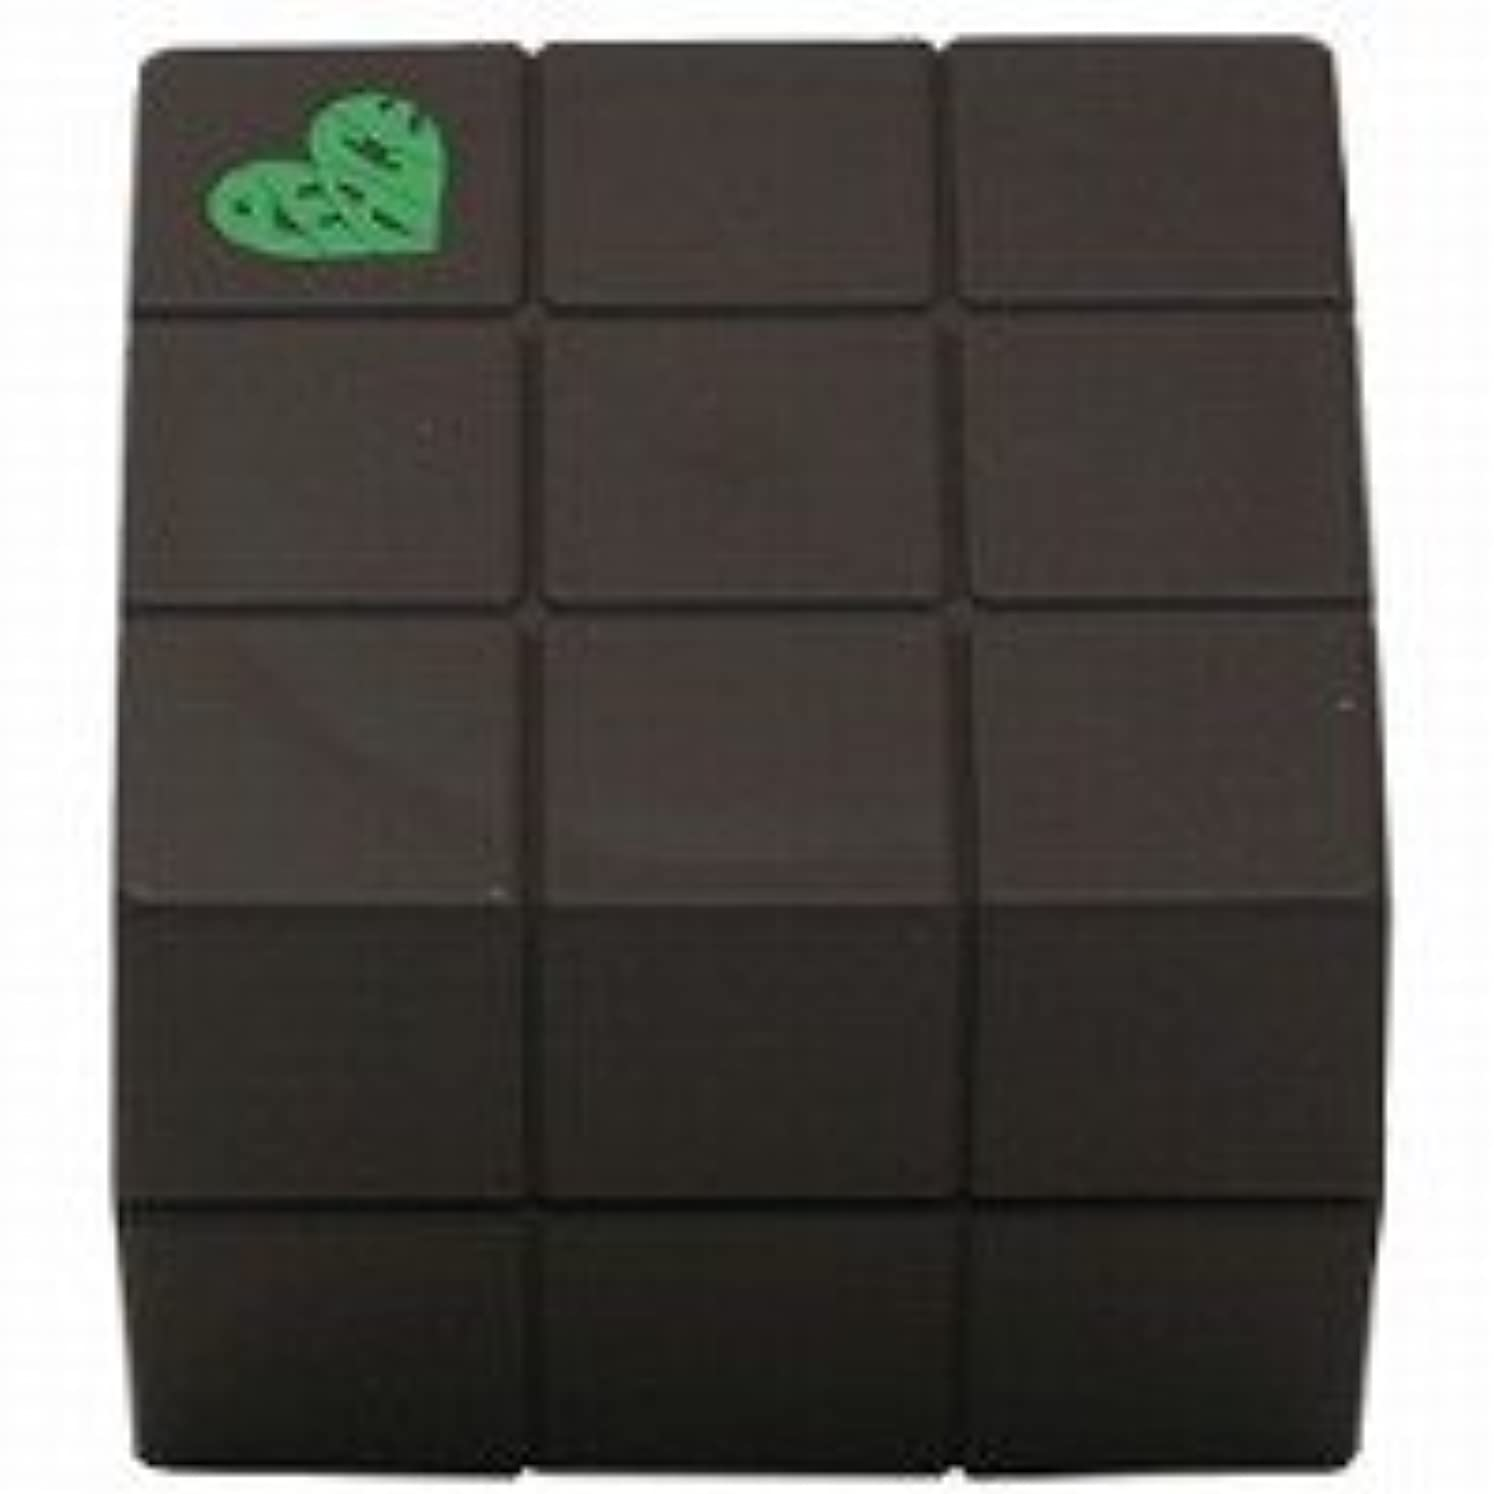 投げ捨てるコレクション拡散する【x5個セット】 アリミノ ピース プロデザインシリーズ ハードワックス チョコ 40g